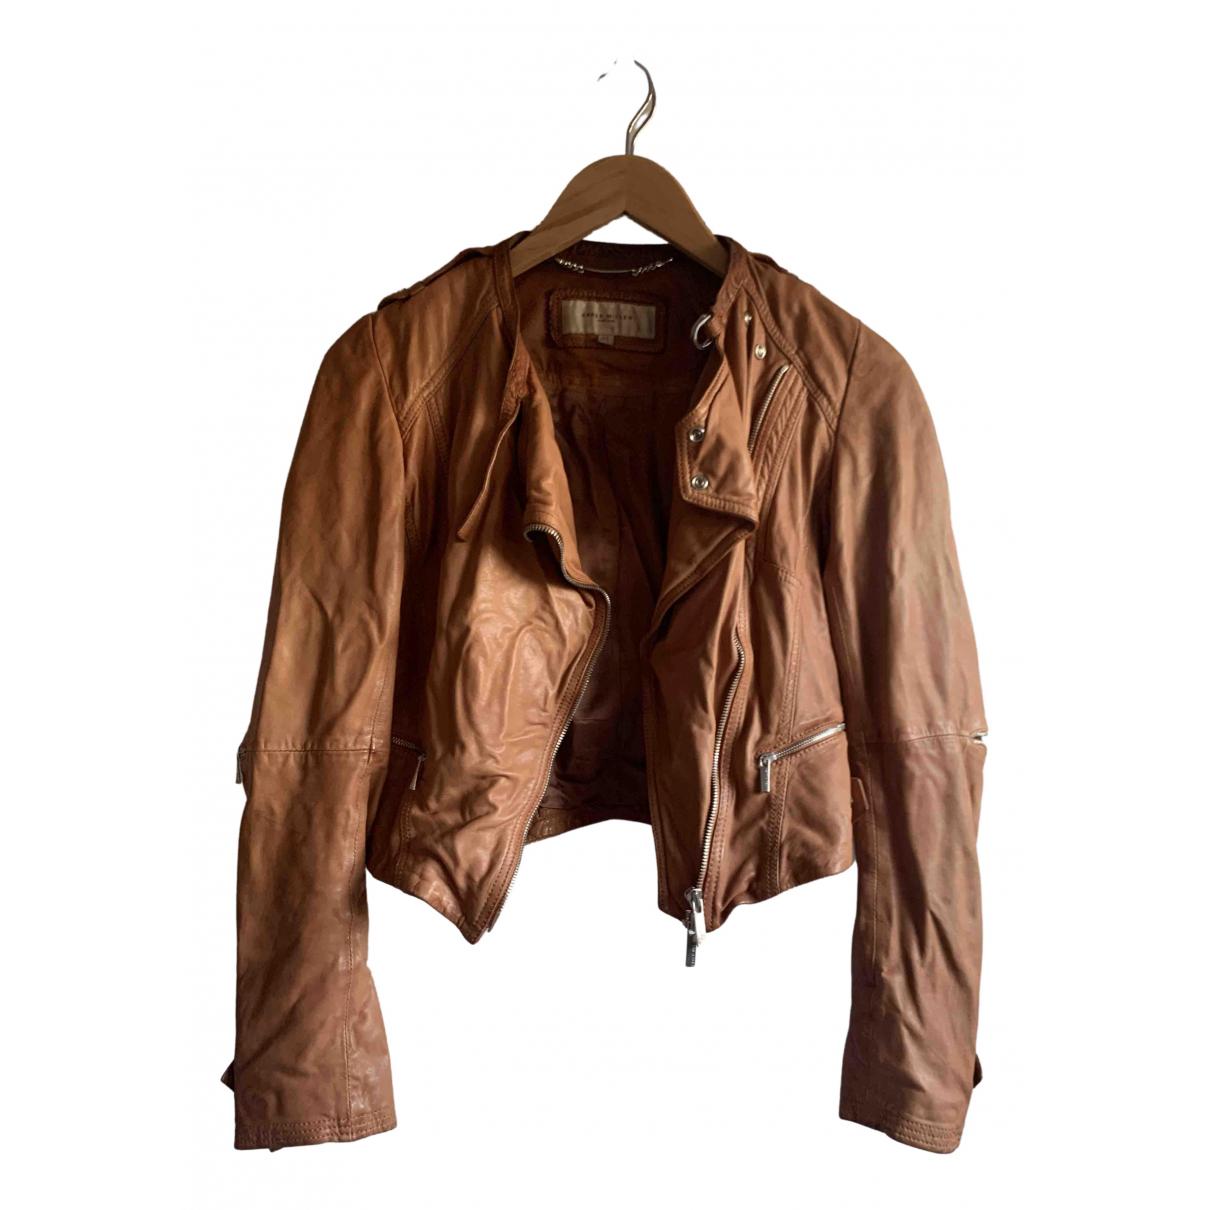 Karen Millen \N Brown Leather jacket for Women 8 UK